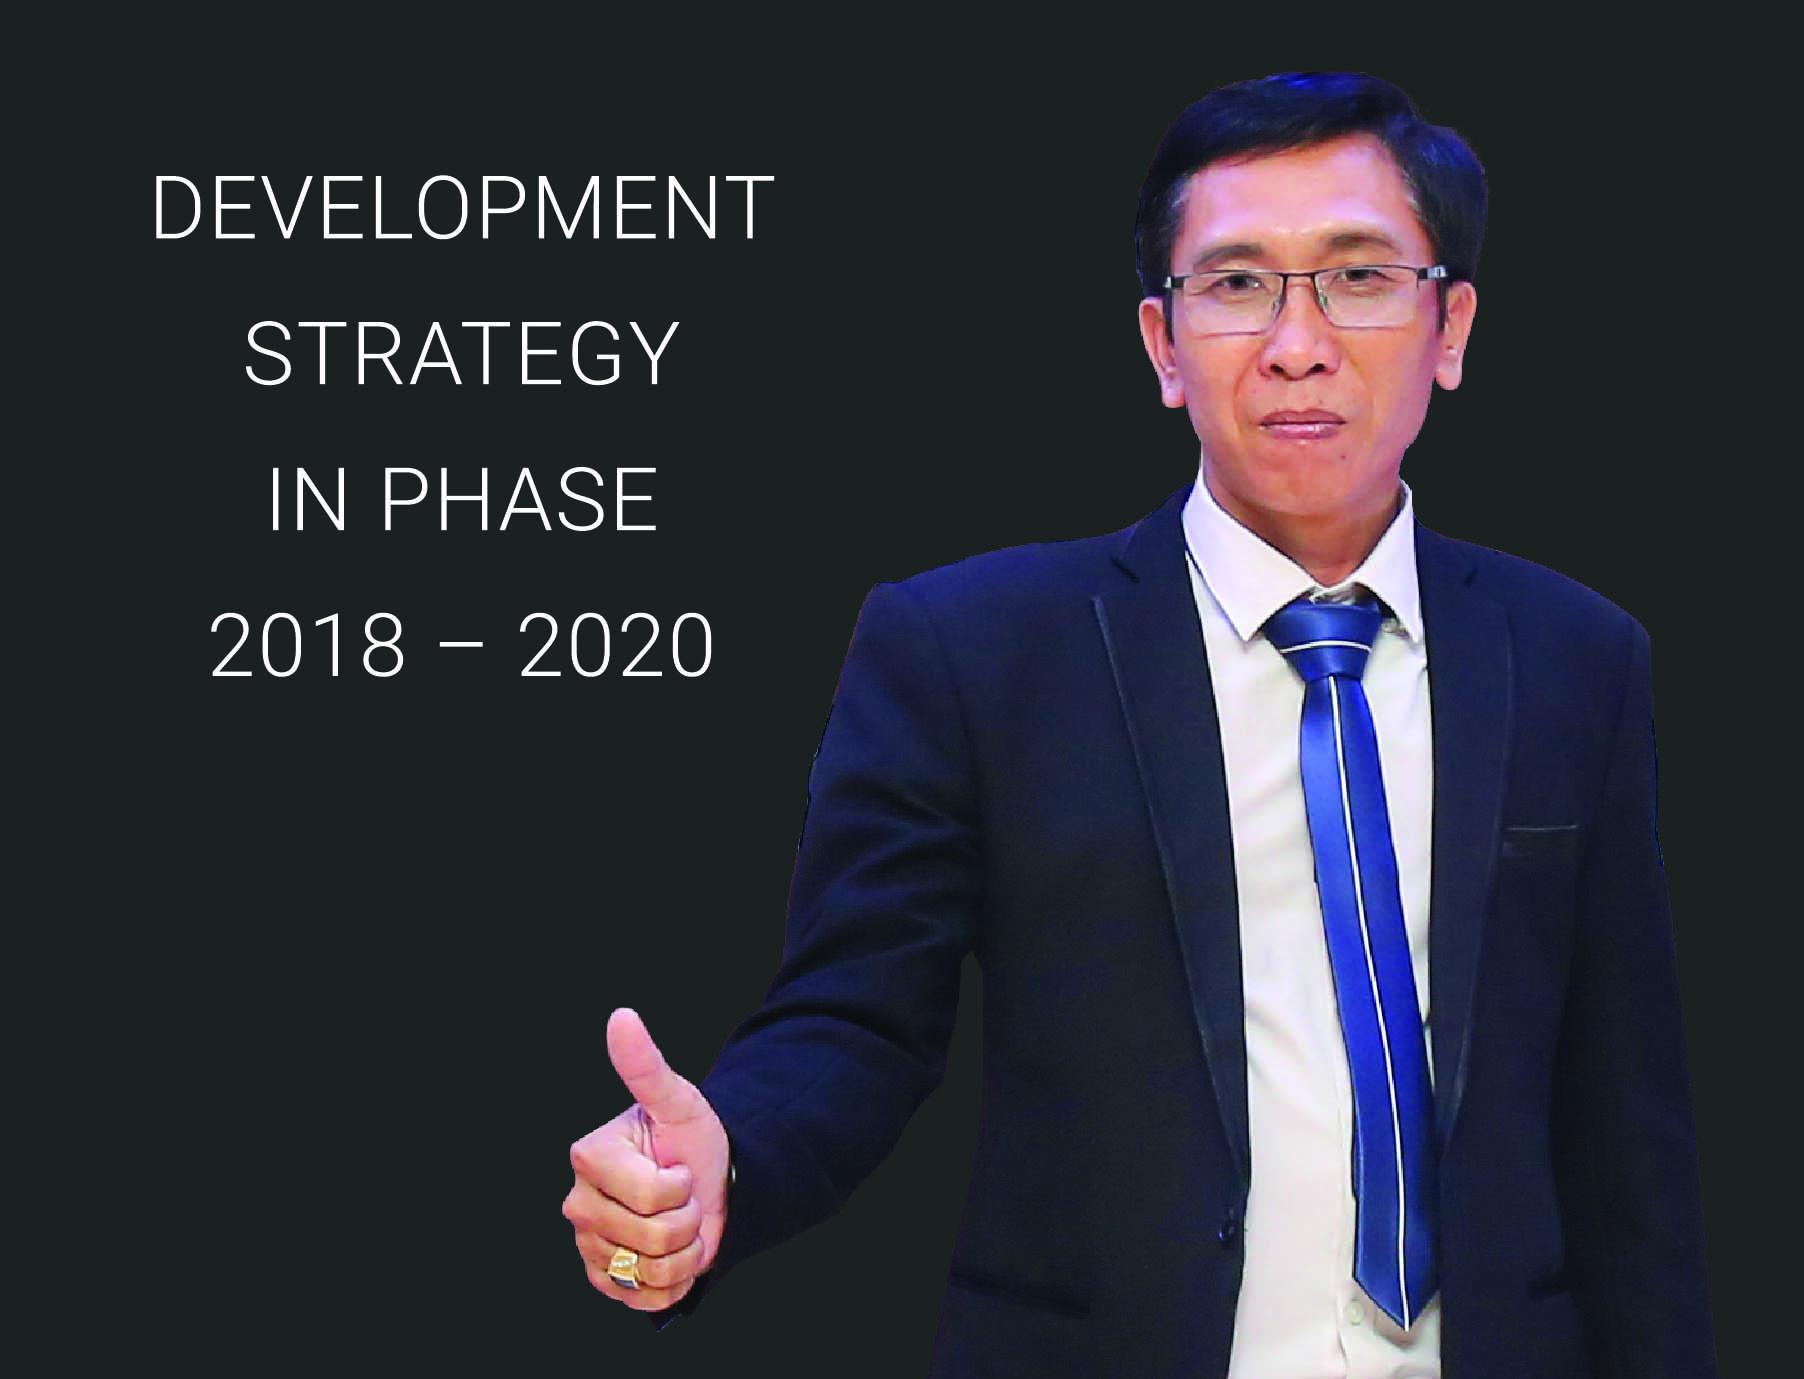 chiến lược phát triển 2018-2020